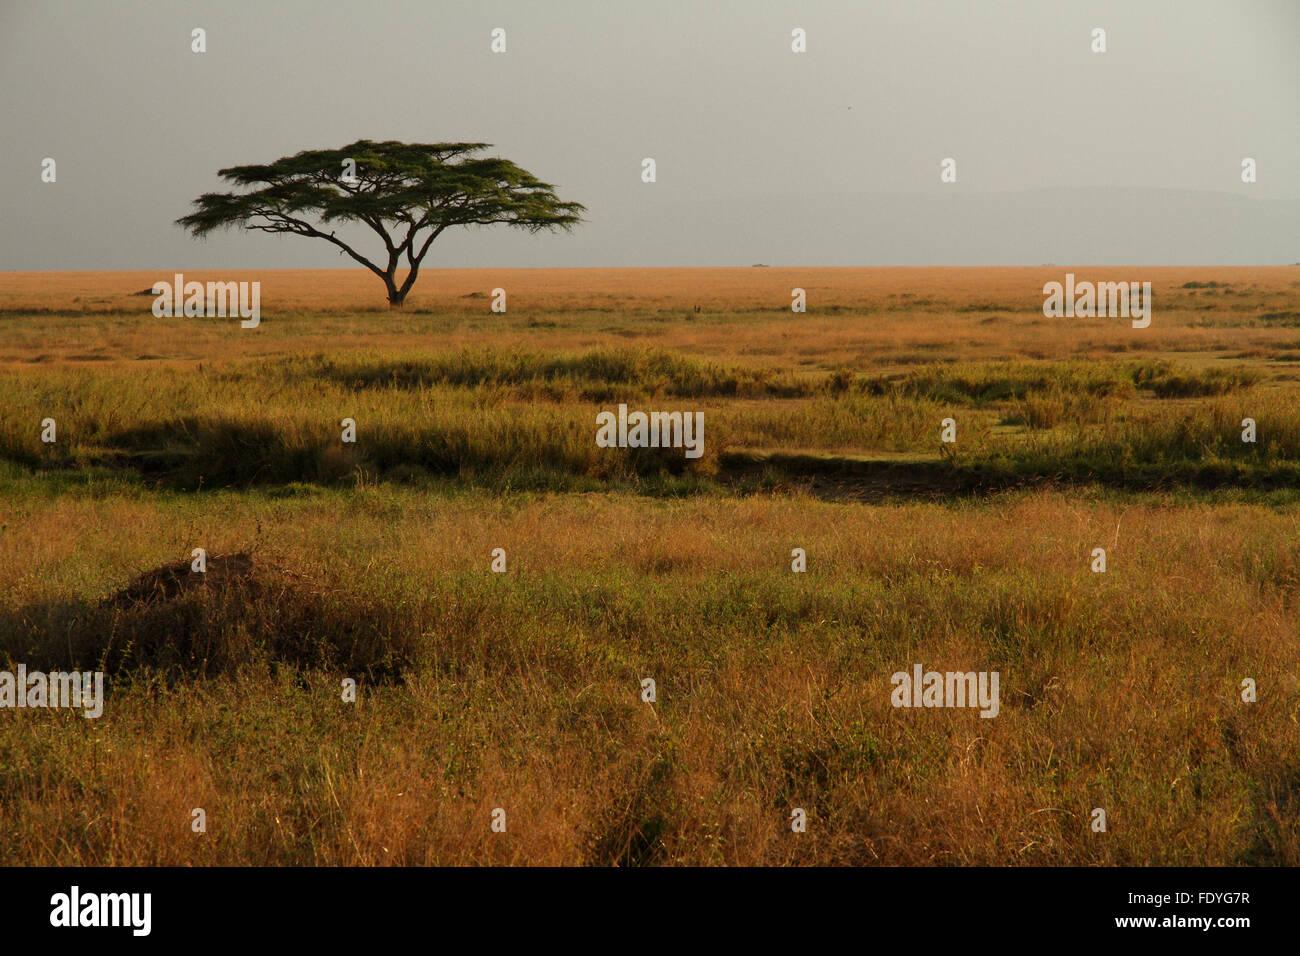 Una solitaria acacia sentado en el colorido de los pastos de la sabana africana Imagen De Stock